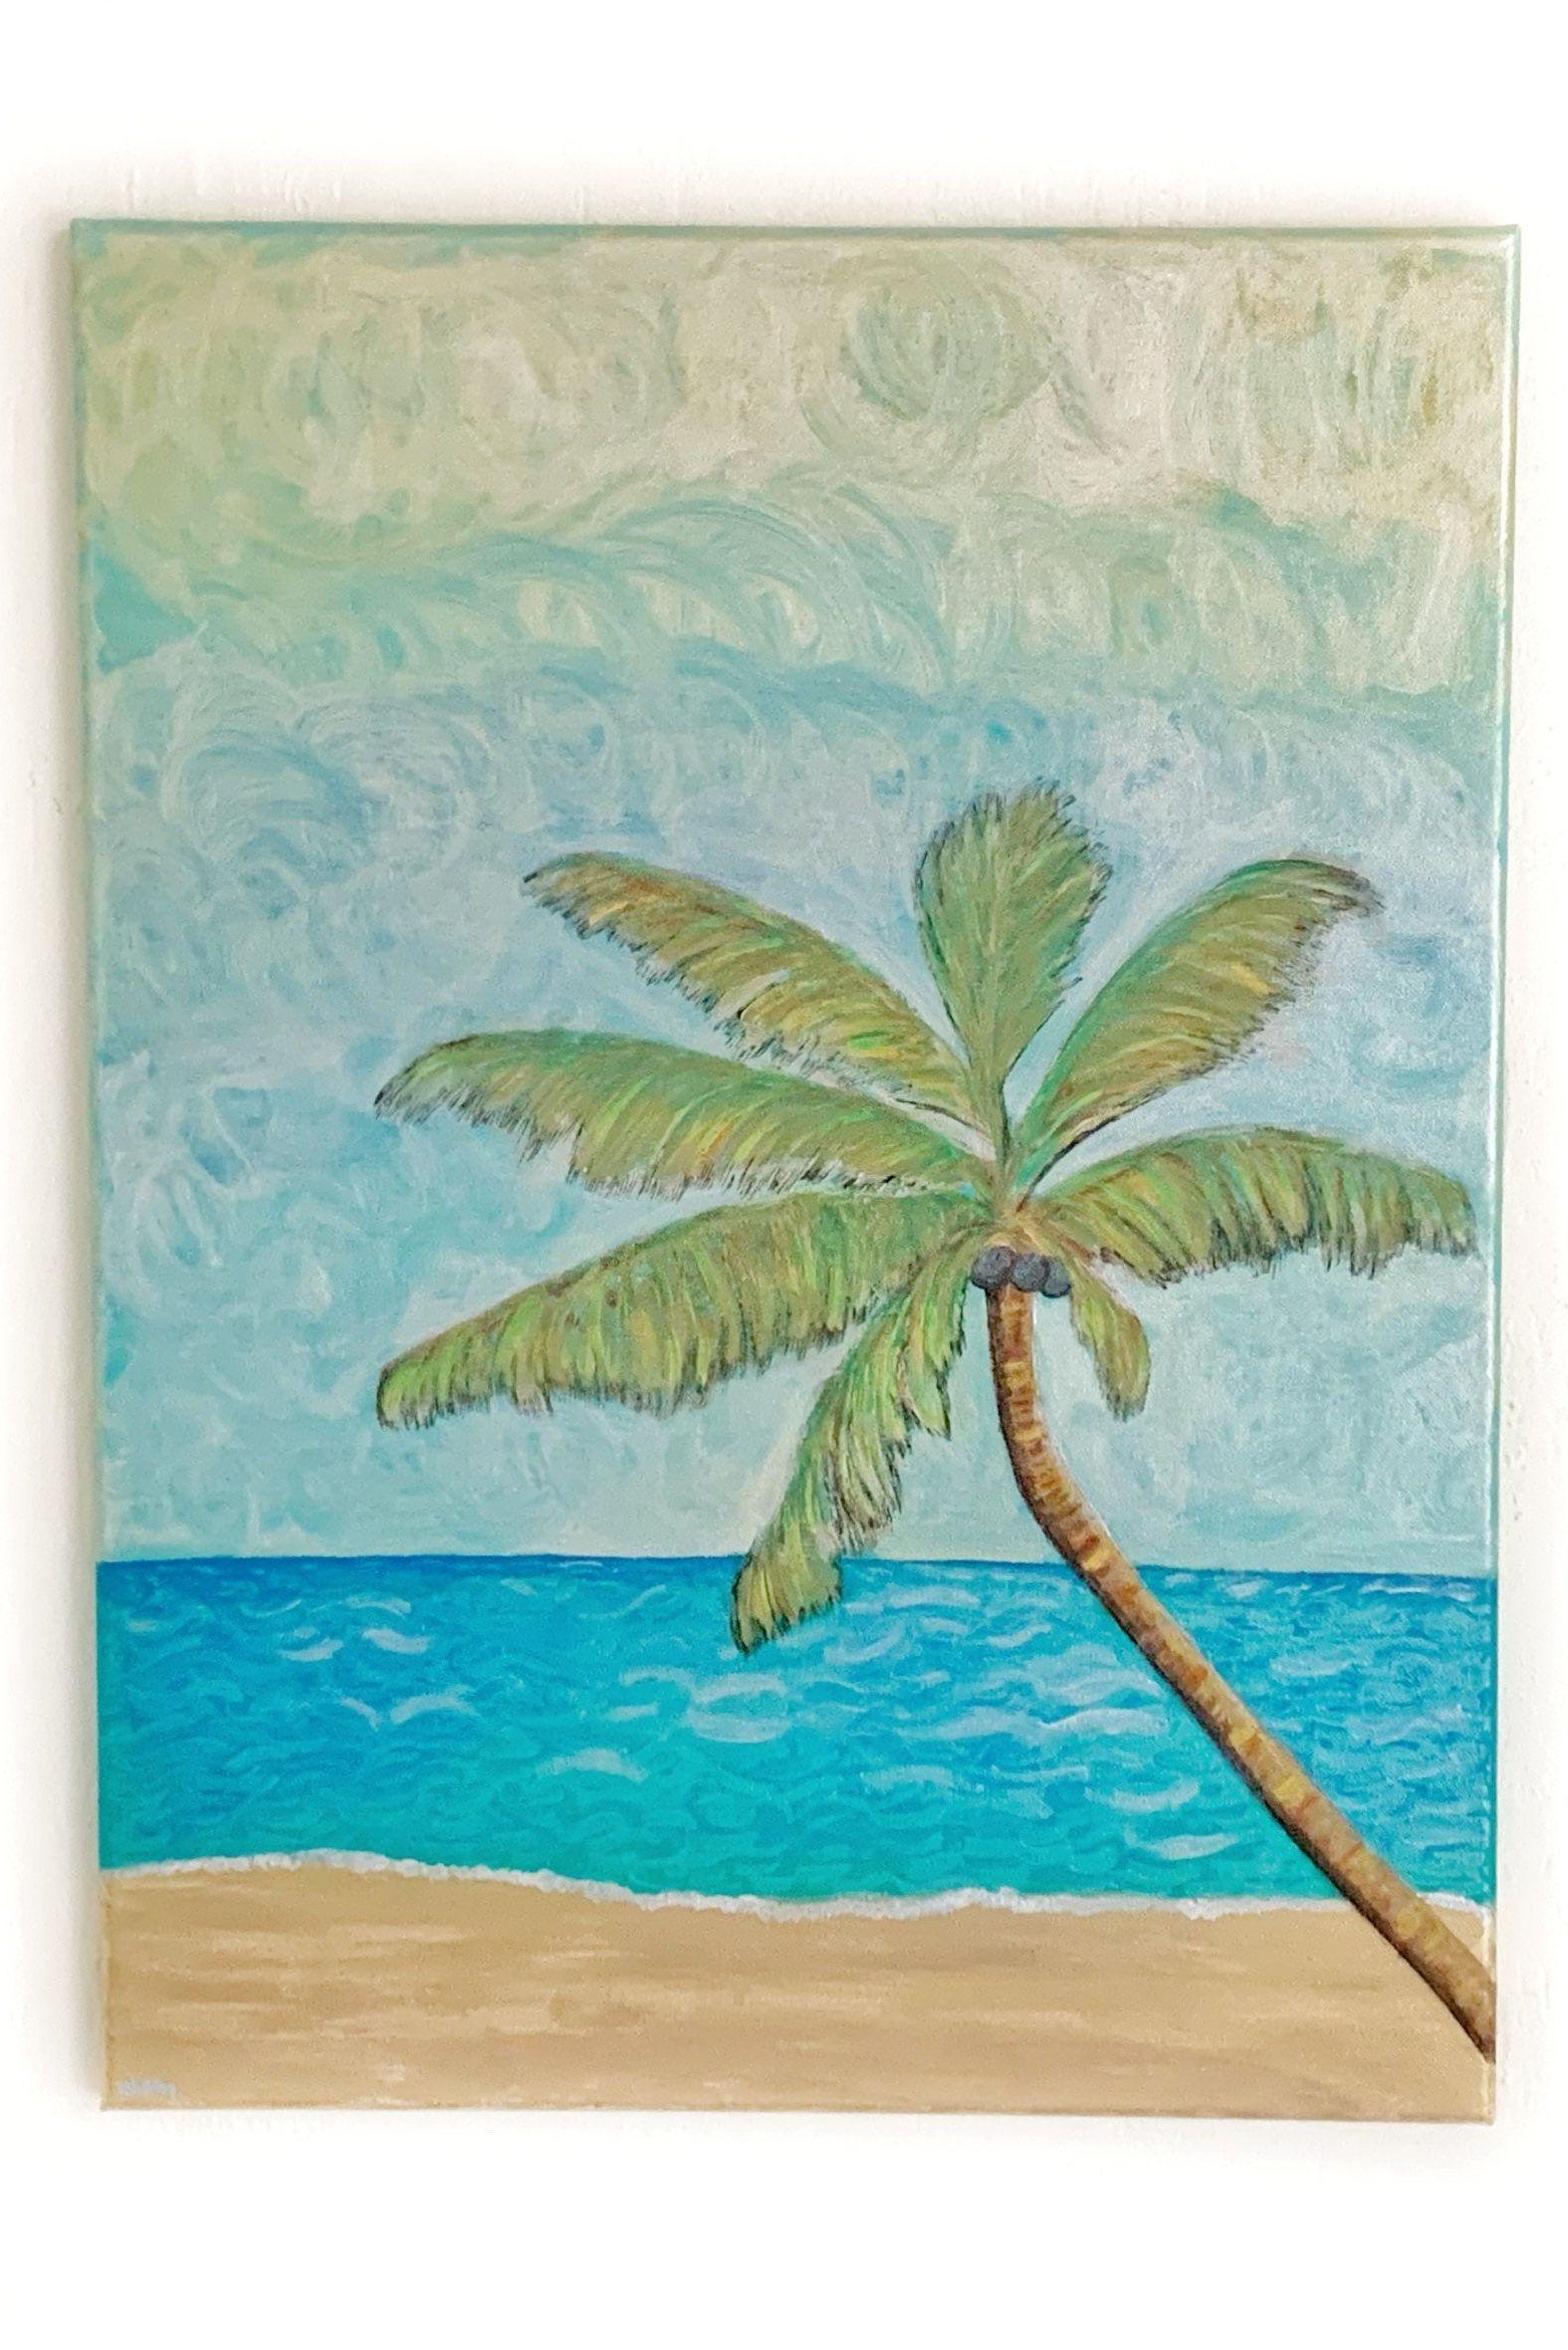 Maui Tropical Beach Wall Art Maui Original Acrylic Painting On Canvas Tropical Decor 24 X18 Canvas Art In 2020 Beach Wall Art Acrylic Painting Canvas Canvas Painting